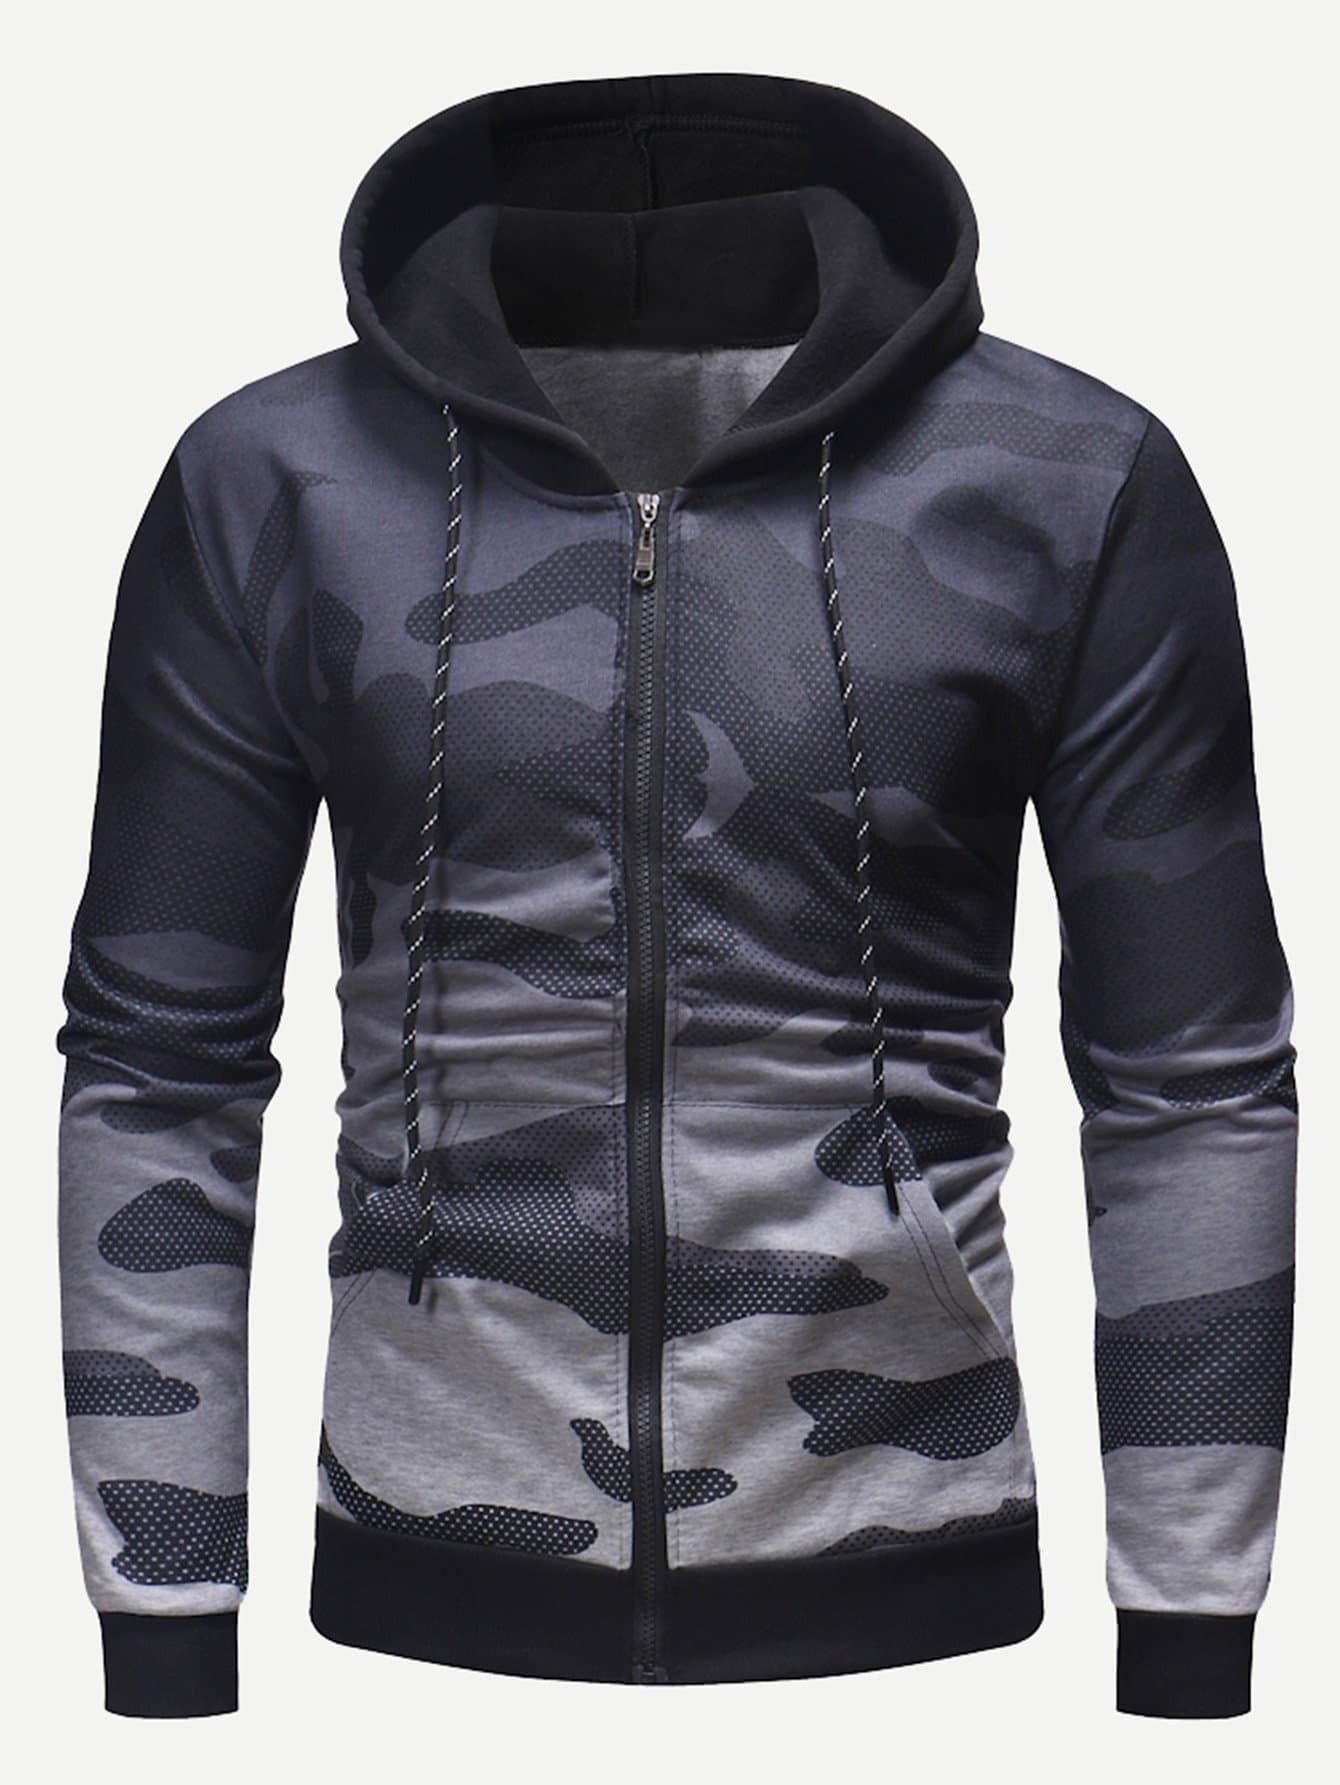 Les Hommes Zip À L'Ombre De Camouflage Hooded Sweatshirt